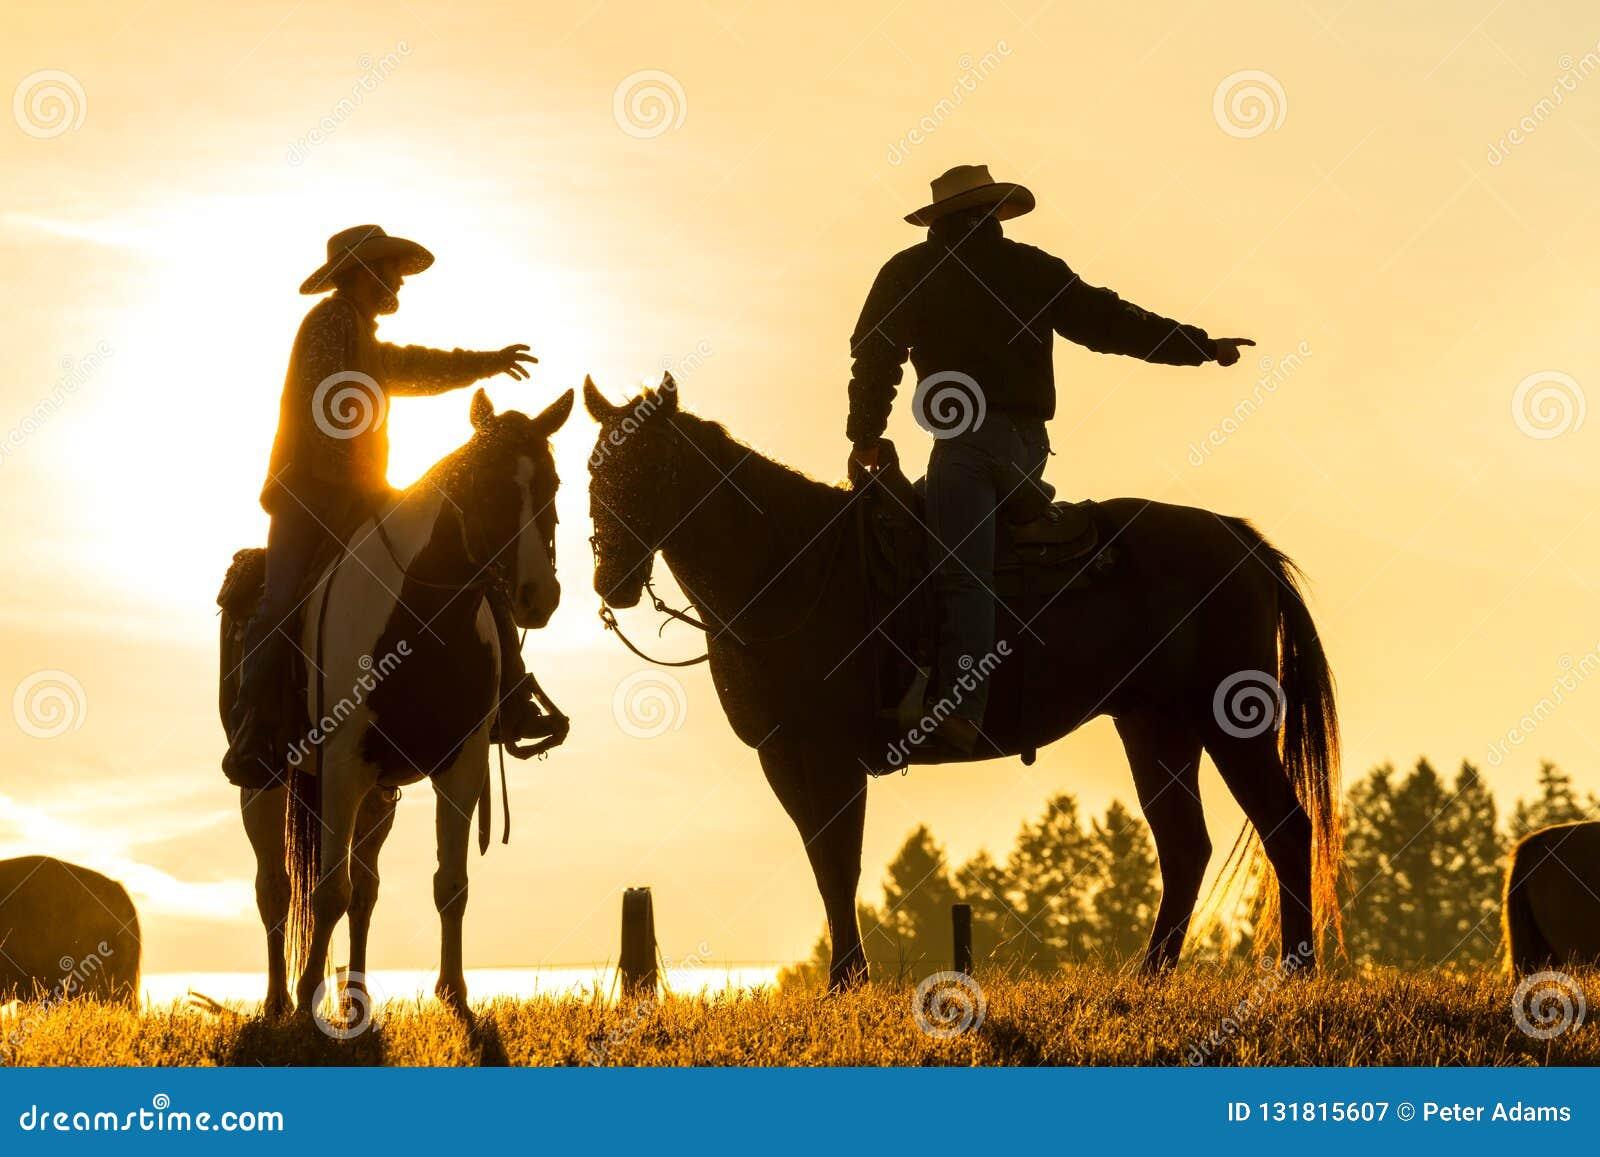 Cowboys auf Pferden bei Sonnenaufgang, britisches Kolumbien, Kanada